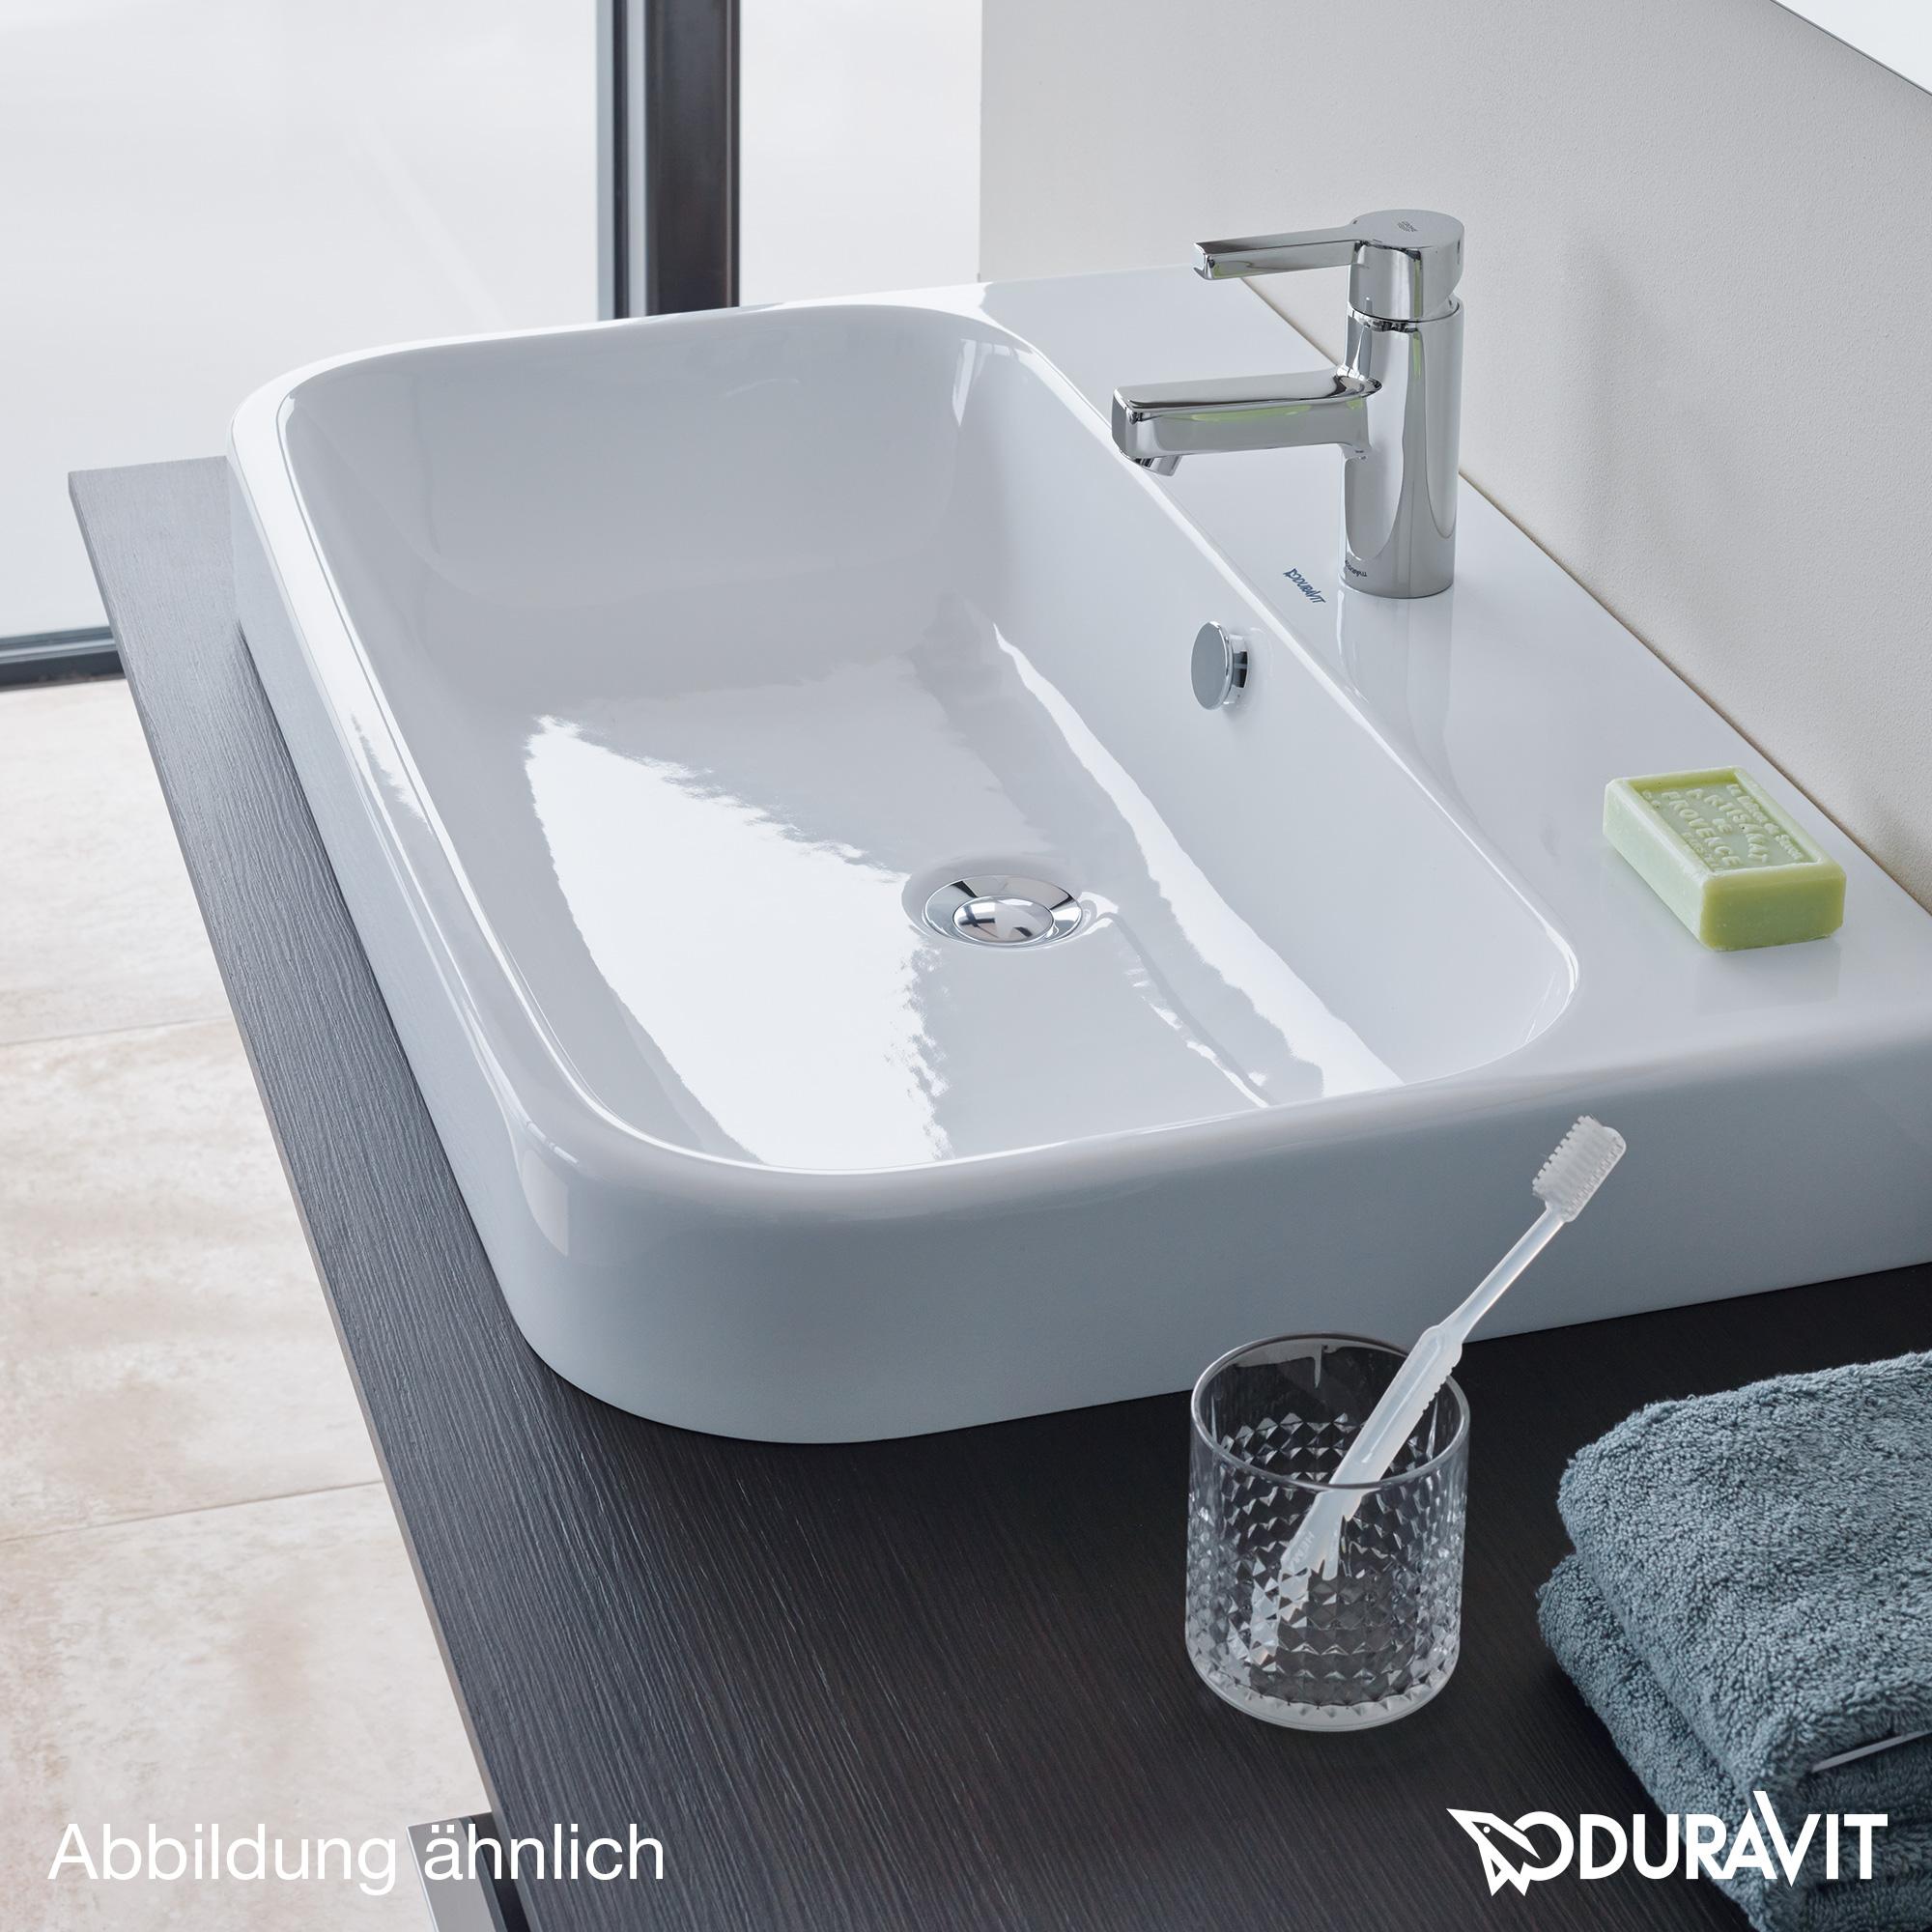 duravit happy d 2 konsole f r einbau aufsatzbecken t 55 cm nische leinen h2028c07575 80. Black Bedroom Furniture Sets. Home Design Ideas